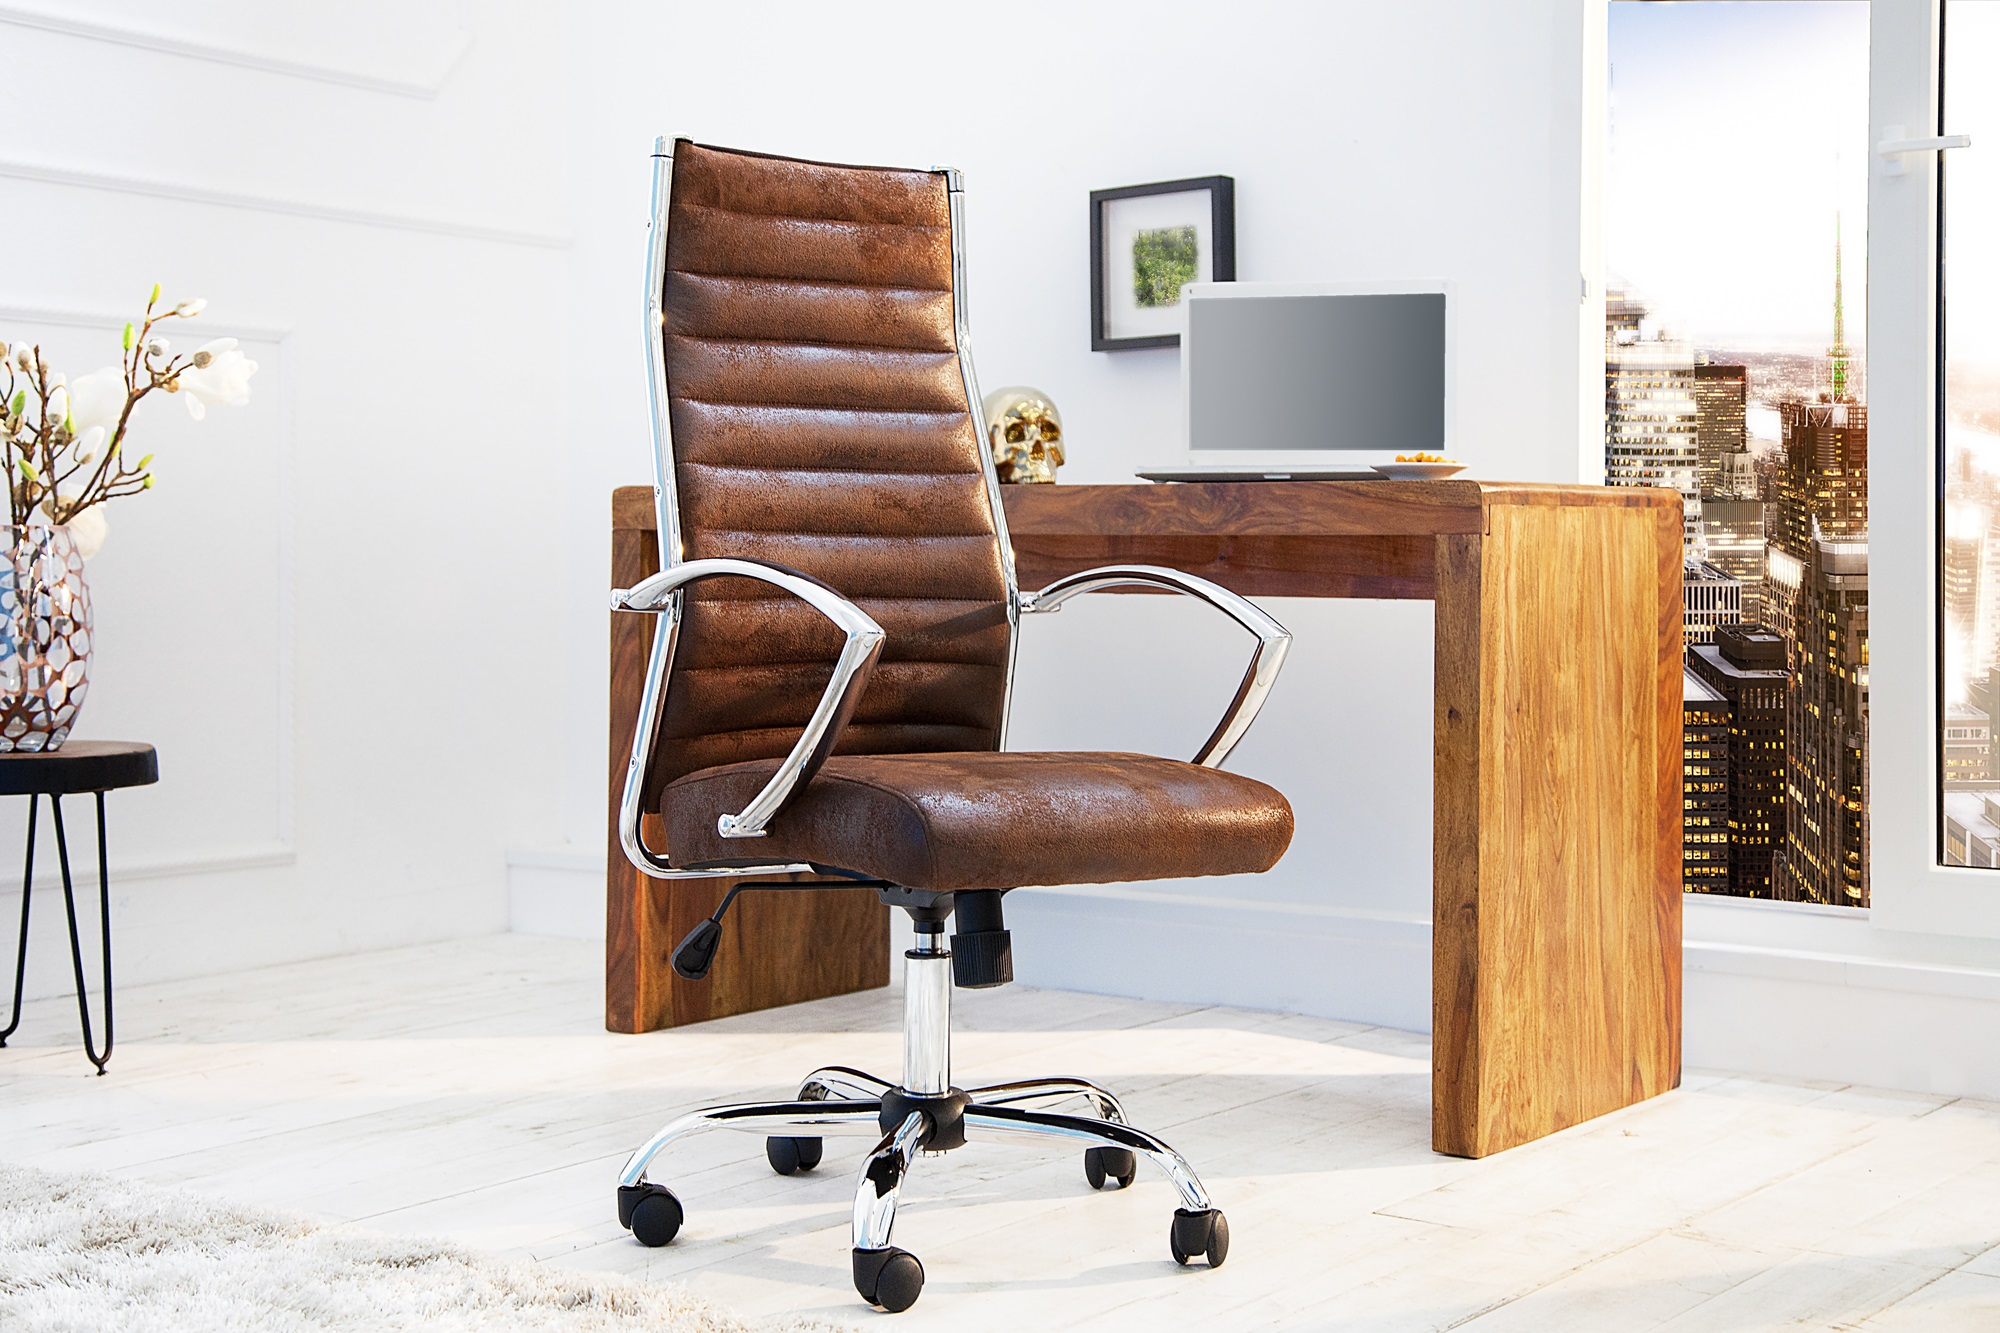 Bureau Met Stoel : Moderne bureau stoel kopen aktie wonen